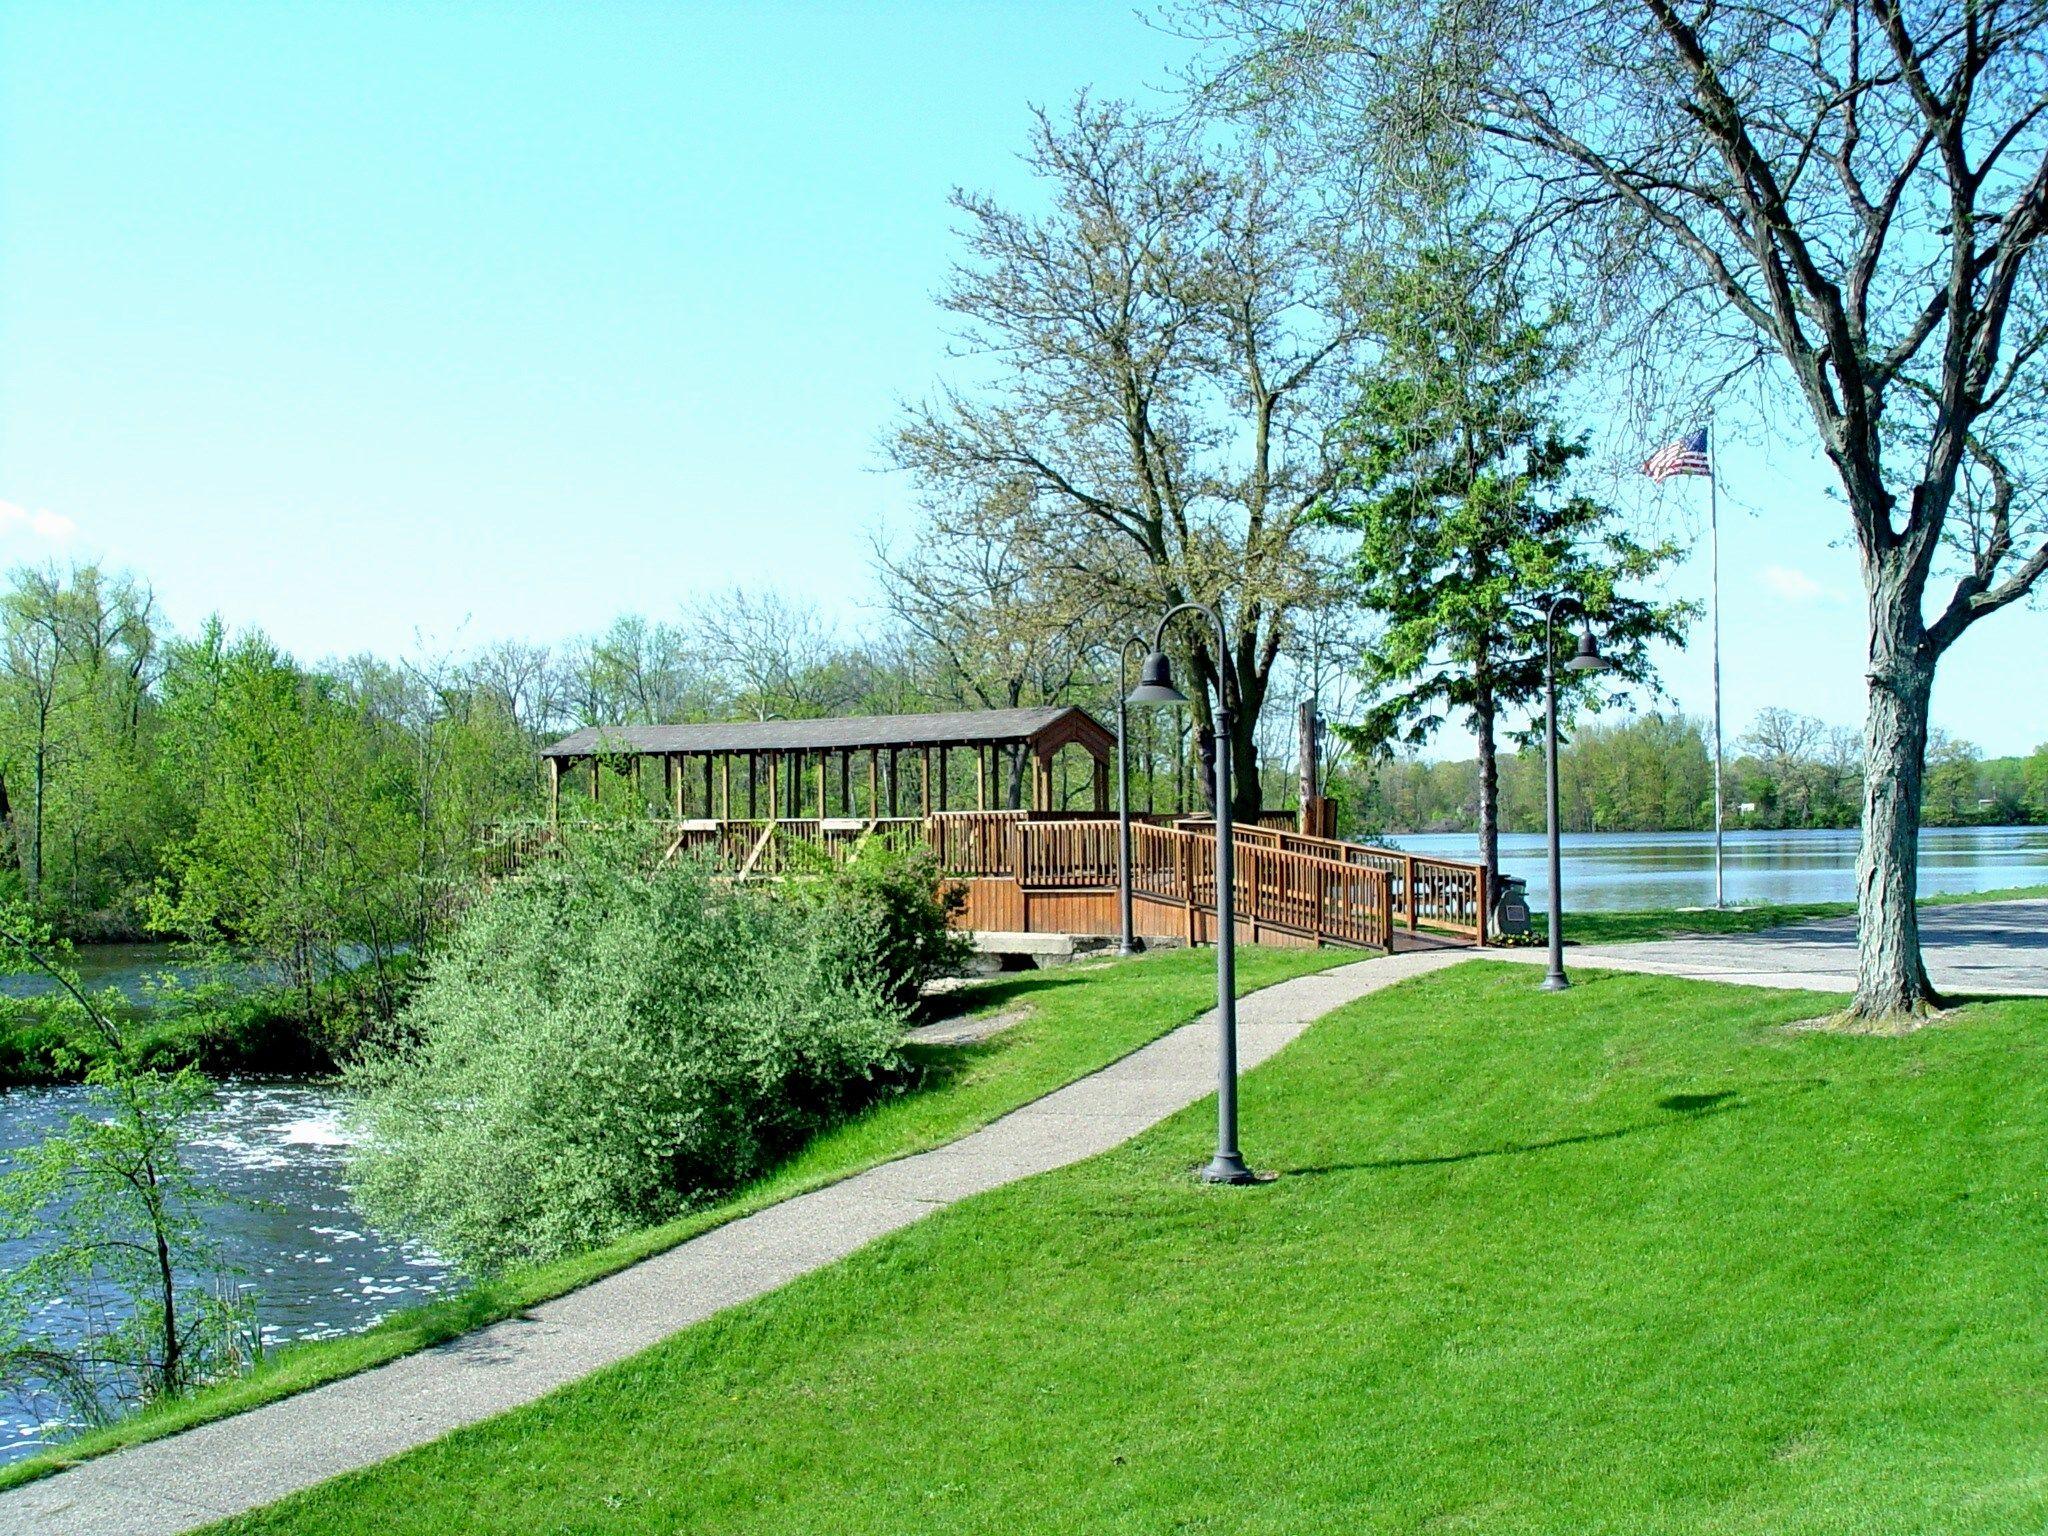 Covered Footbridge Across The Millrace Located In The Lions Club Park In Paw Paw Van Buren County Footbridge Michigan Hometown [ 1536 x 2048 Pixel ]